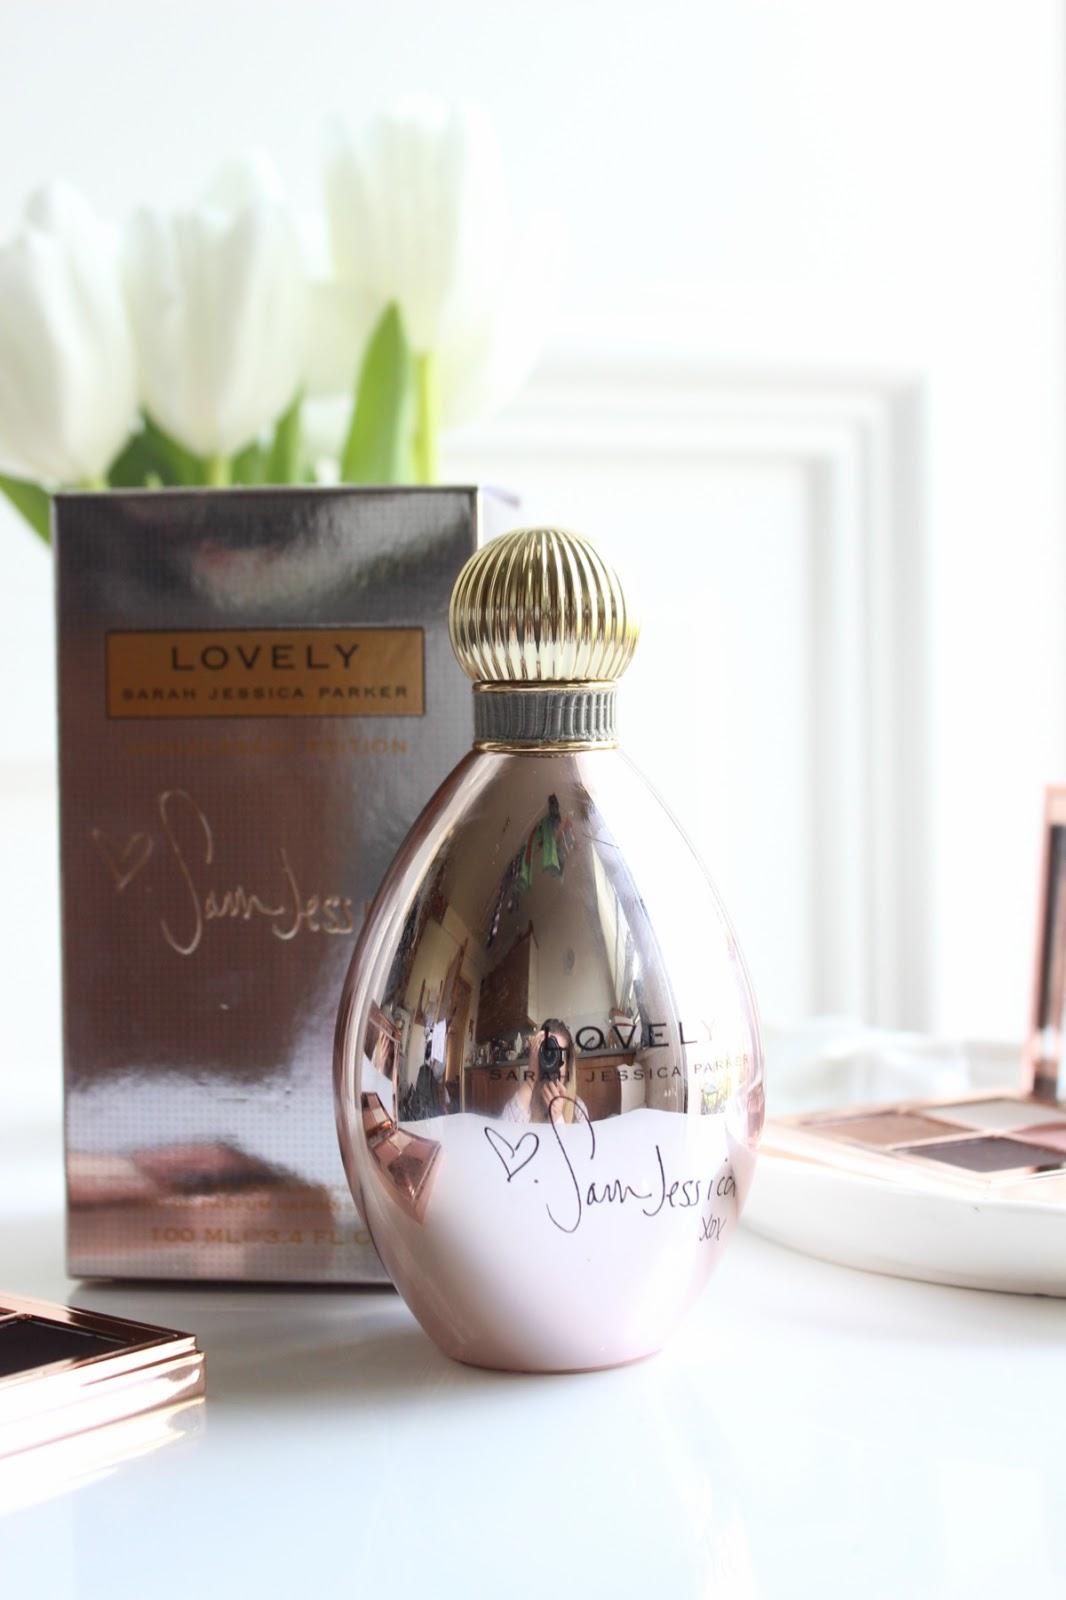 Sarah Jessica Parker Lovely 10th Anniversary Edition Eau de Parfum